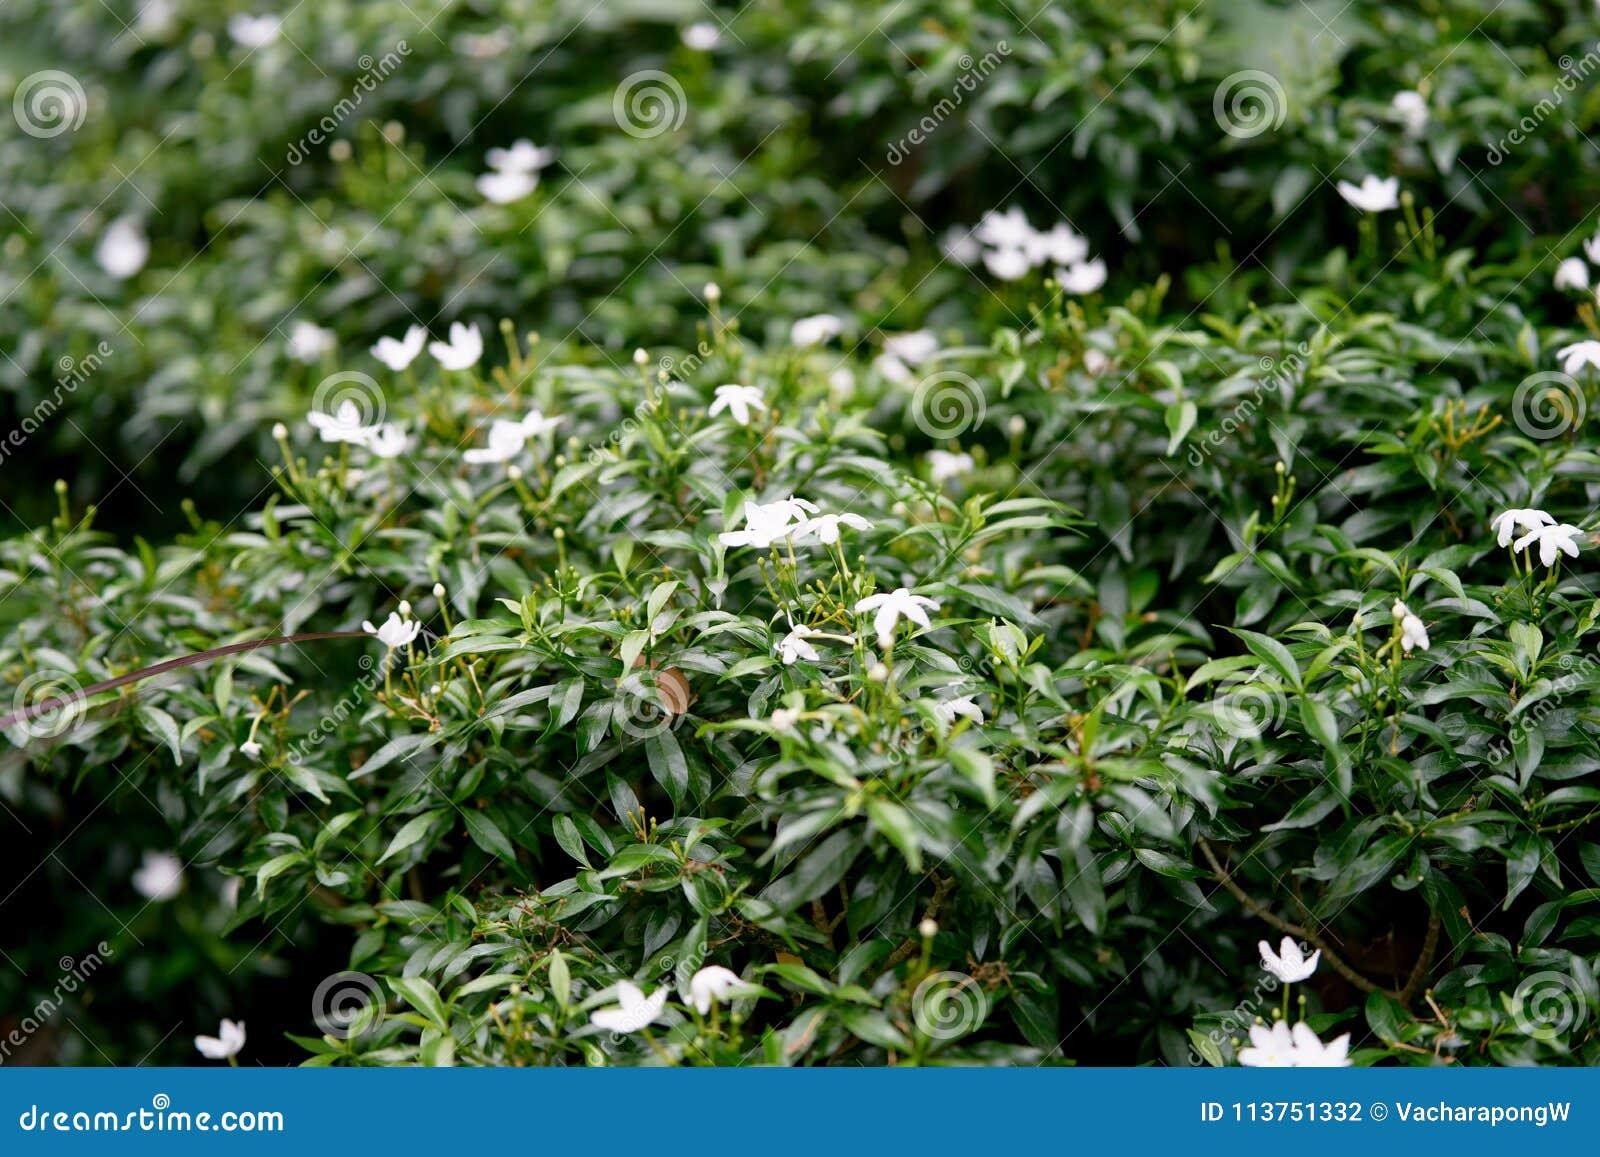 Struiken Met Bloemen Voor In De Tuin.Kleine Witte Bloemen Op Struik In Tuin Stock Foto